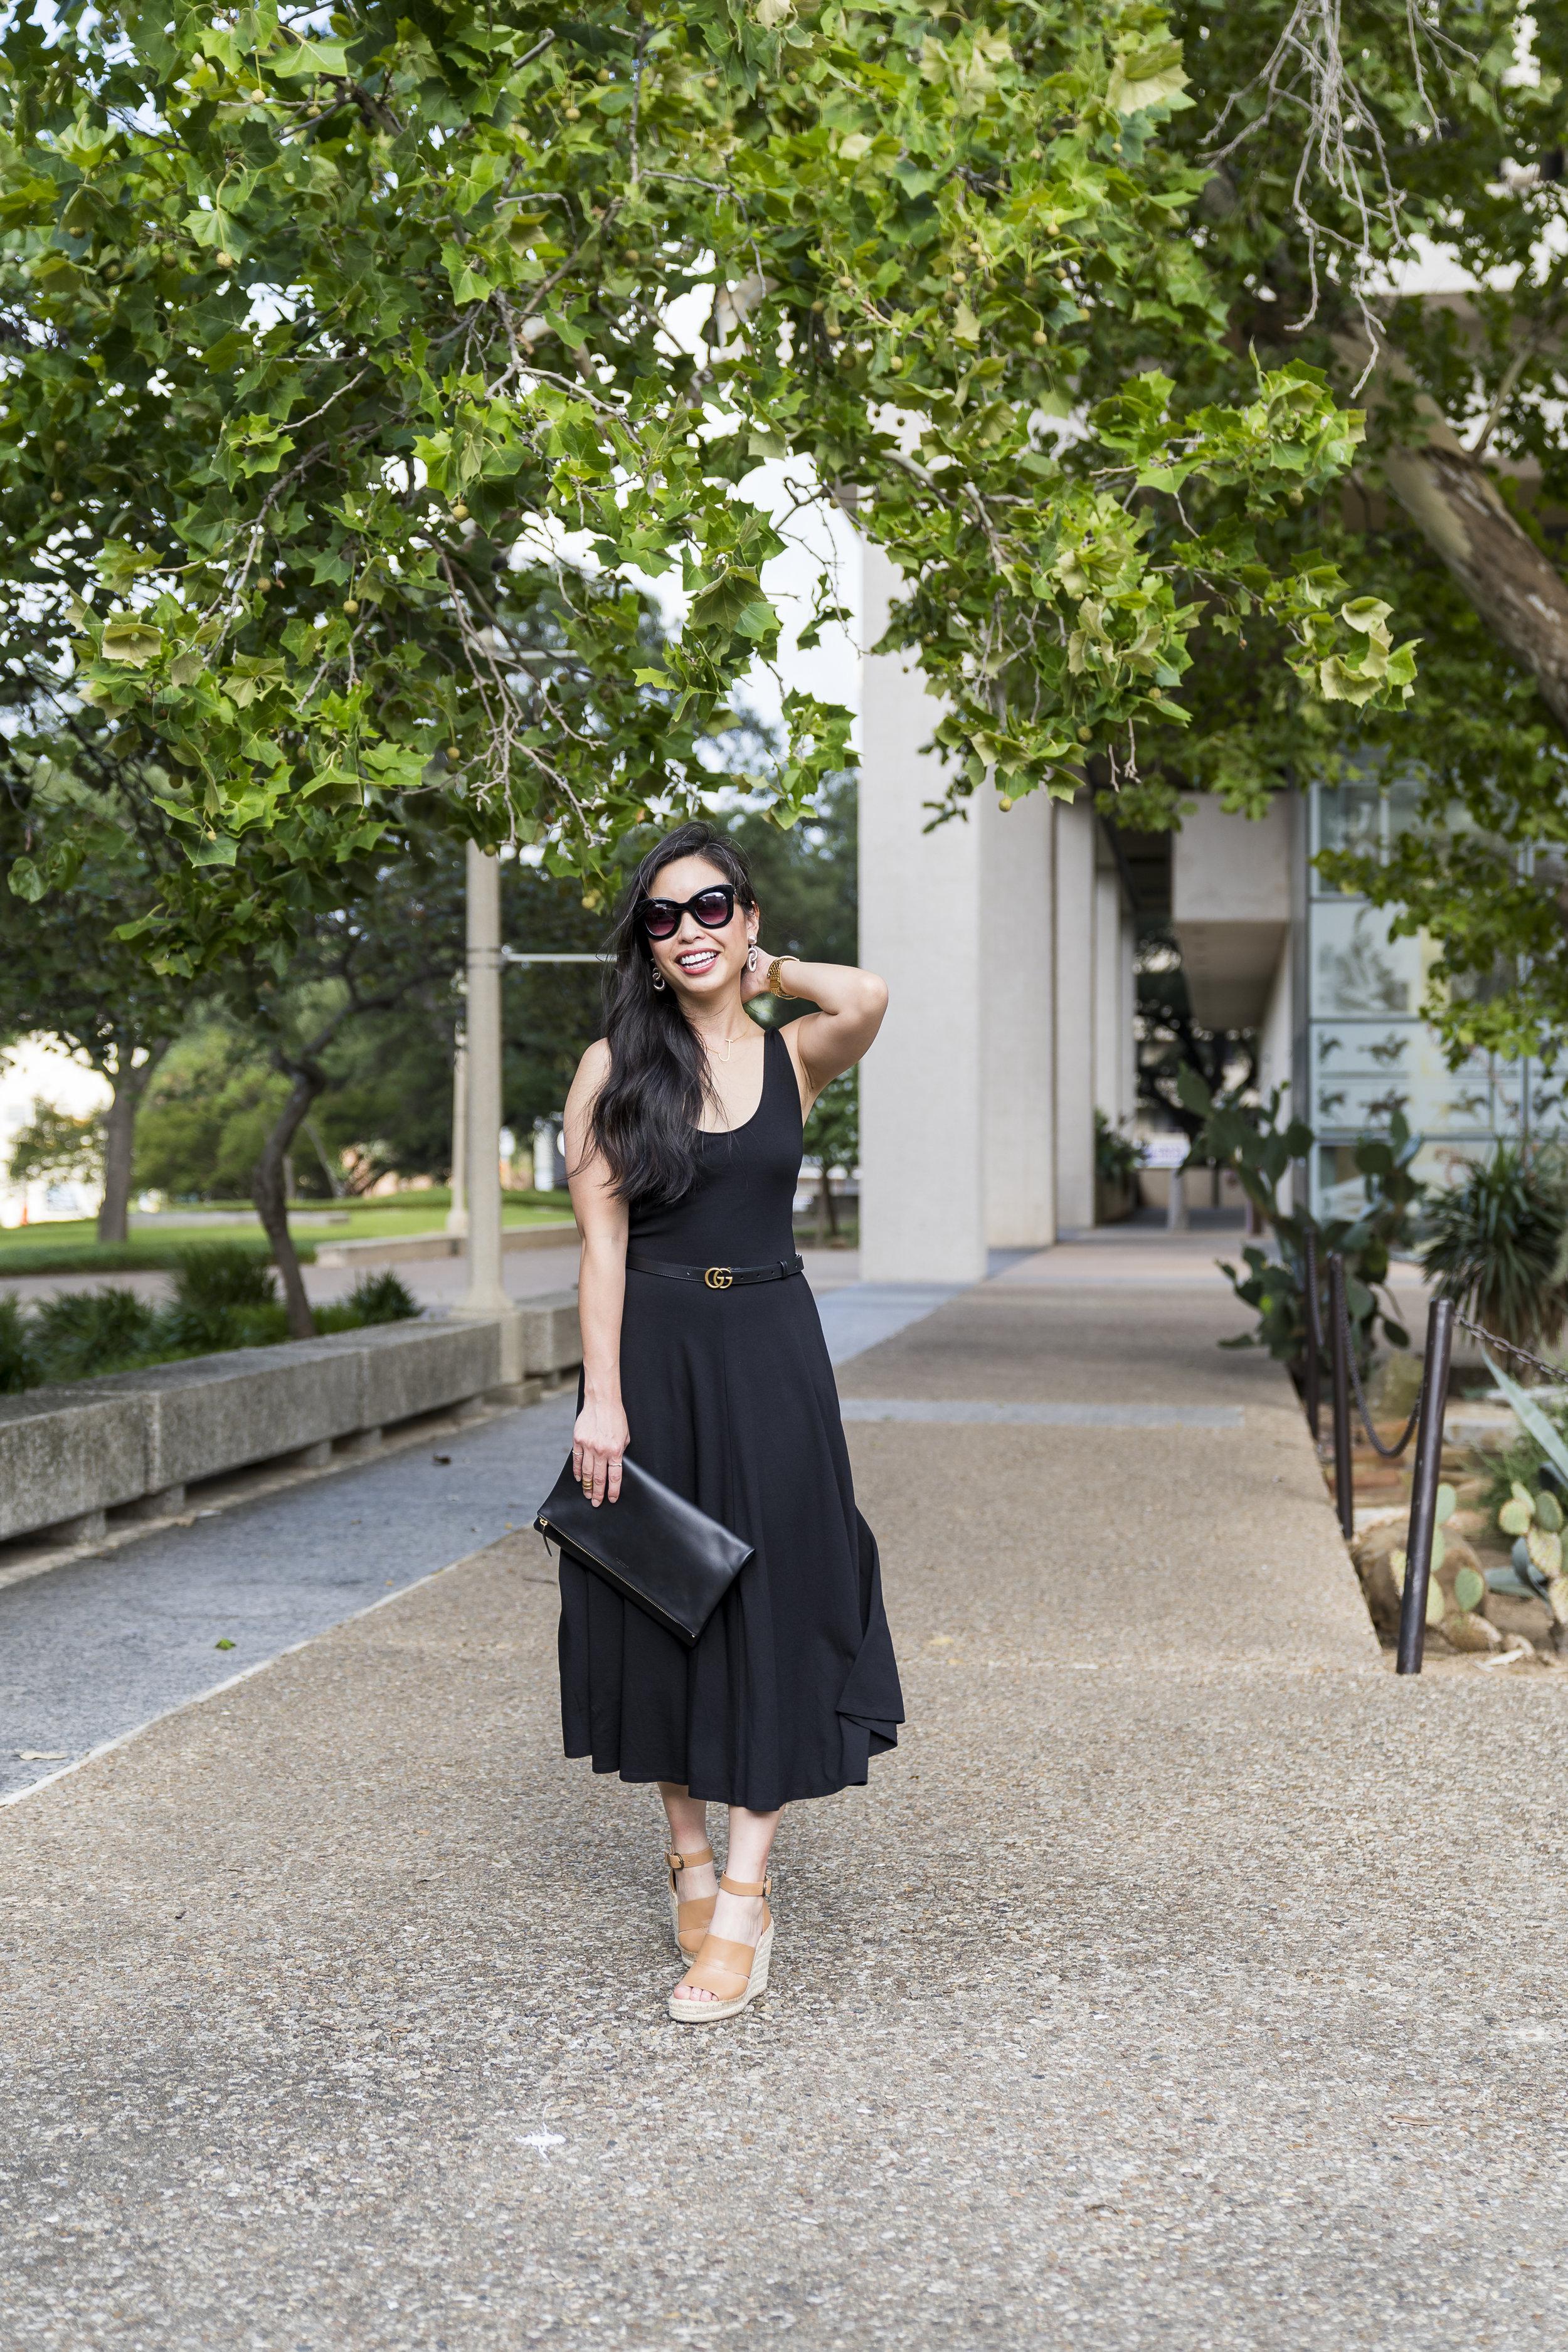 the knit midi dress -- jannadoan.com